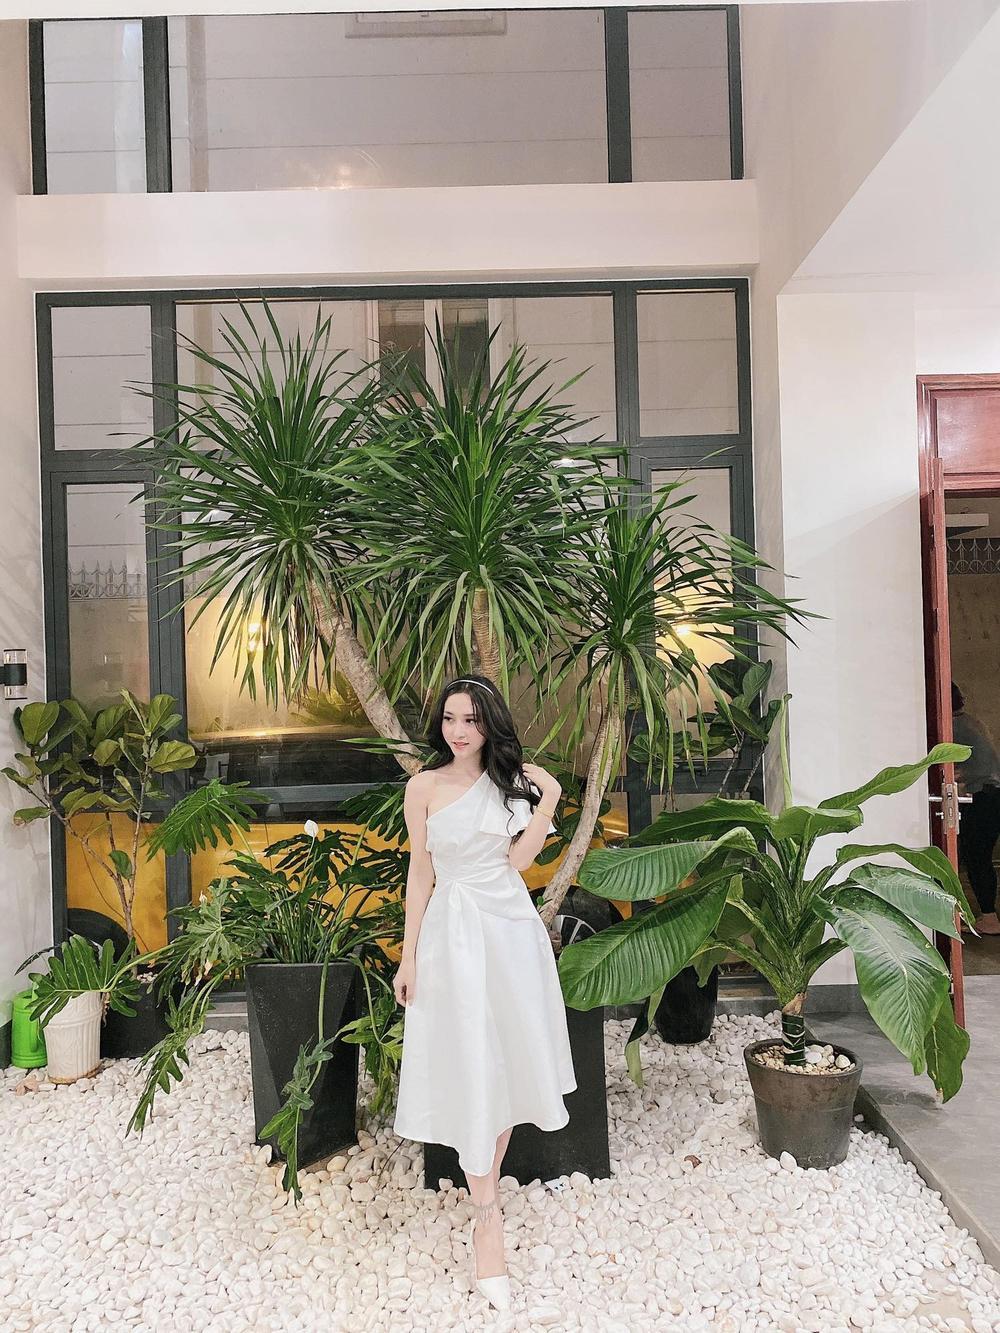 Nguyễn Hồng Boutique tái thiết lập thương hiệu Nguyễn Hồng Store Ảnh 4